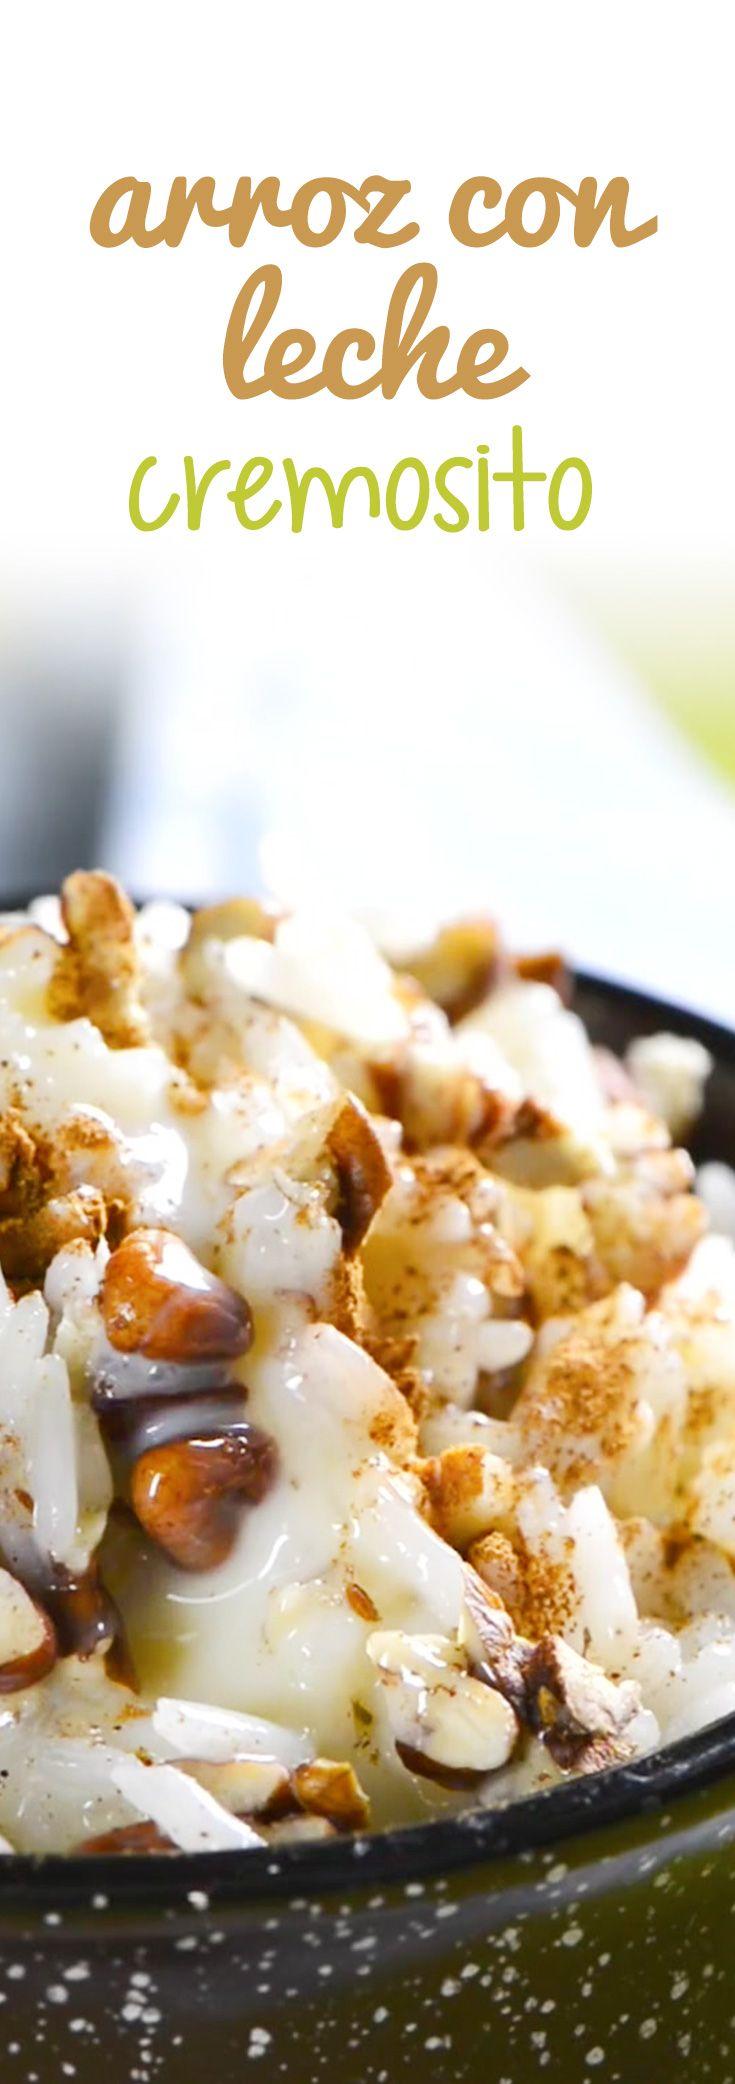 Te presentó una receta de arroz con leche super cremosito y delicioso, acuérdate…